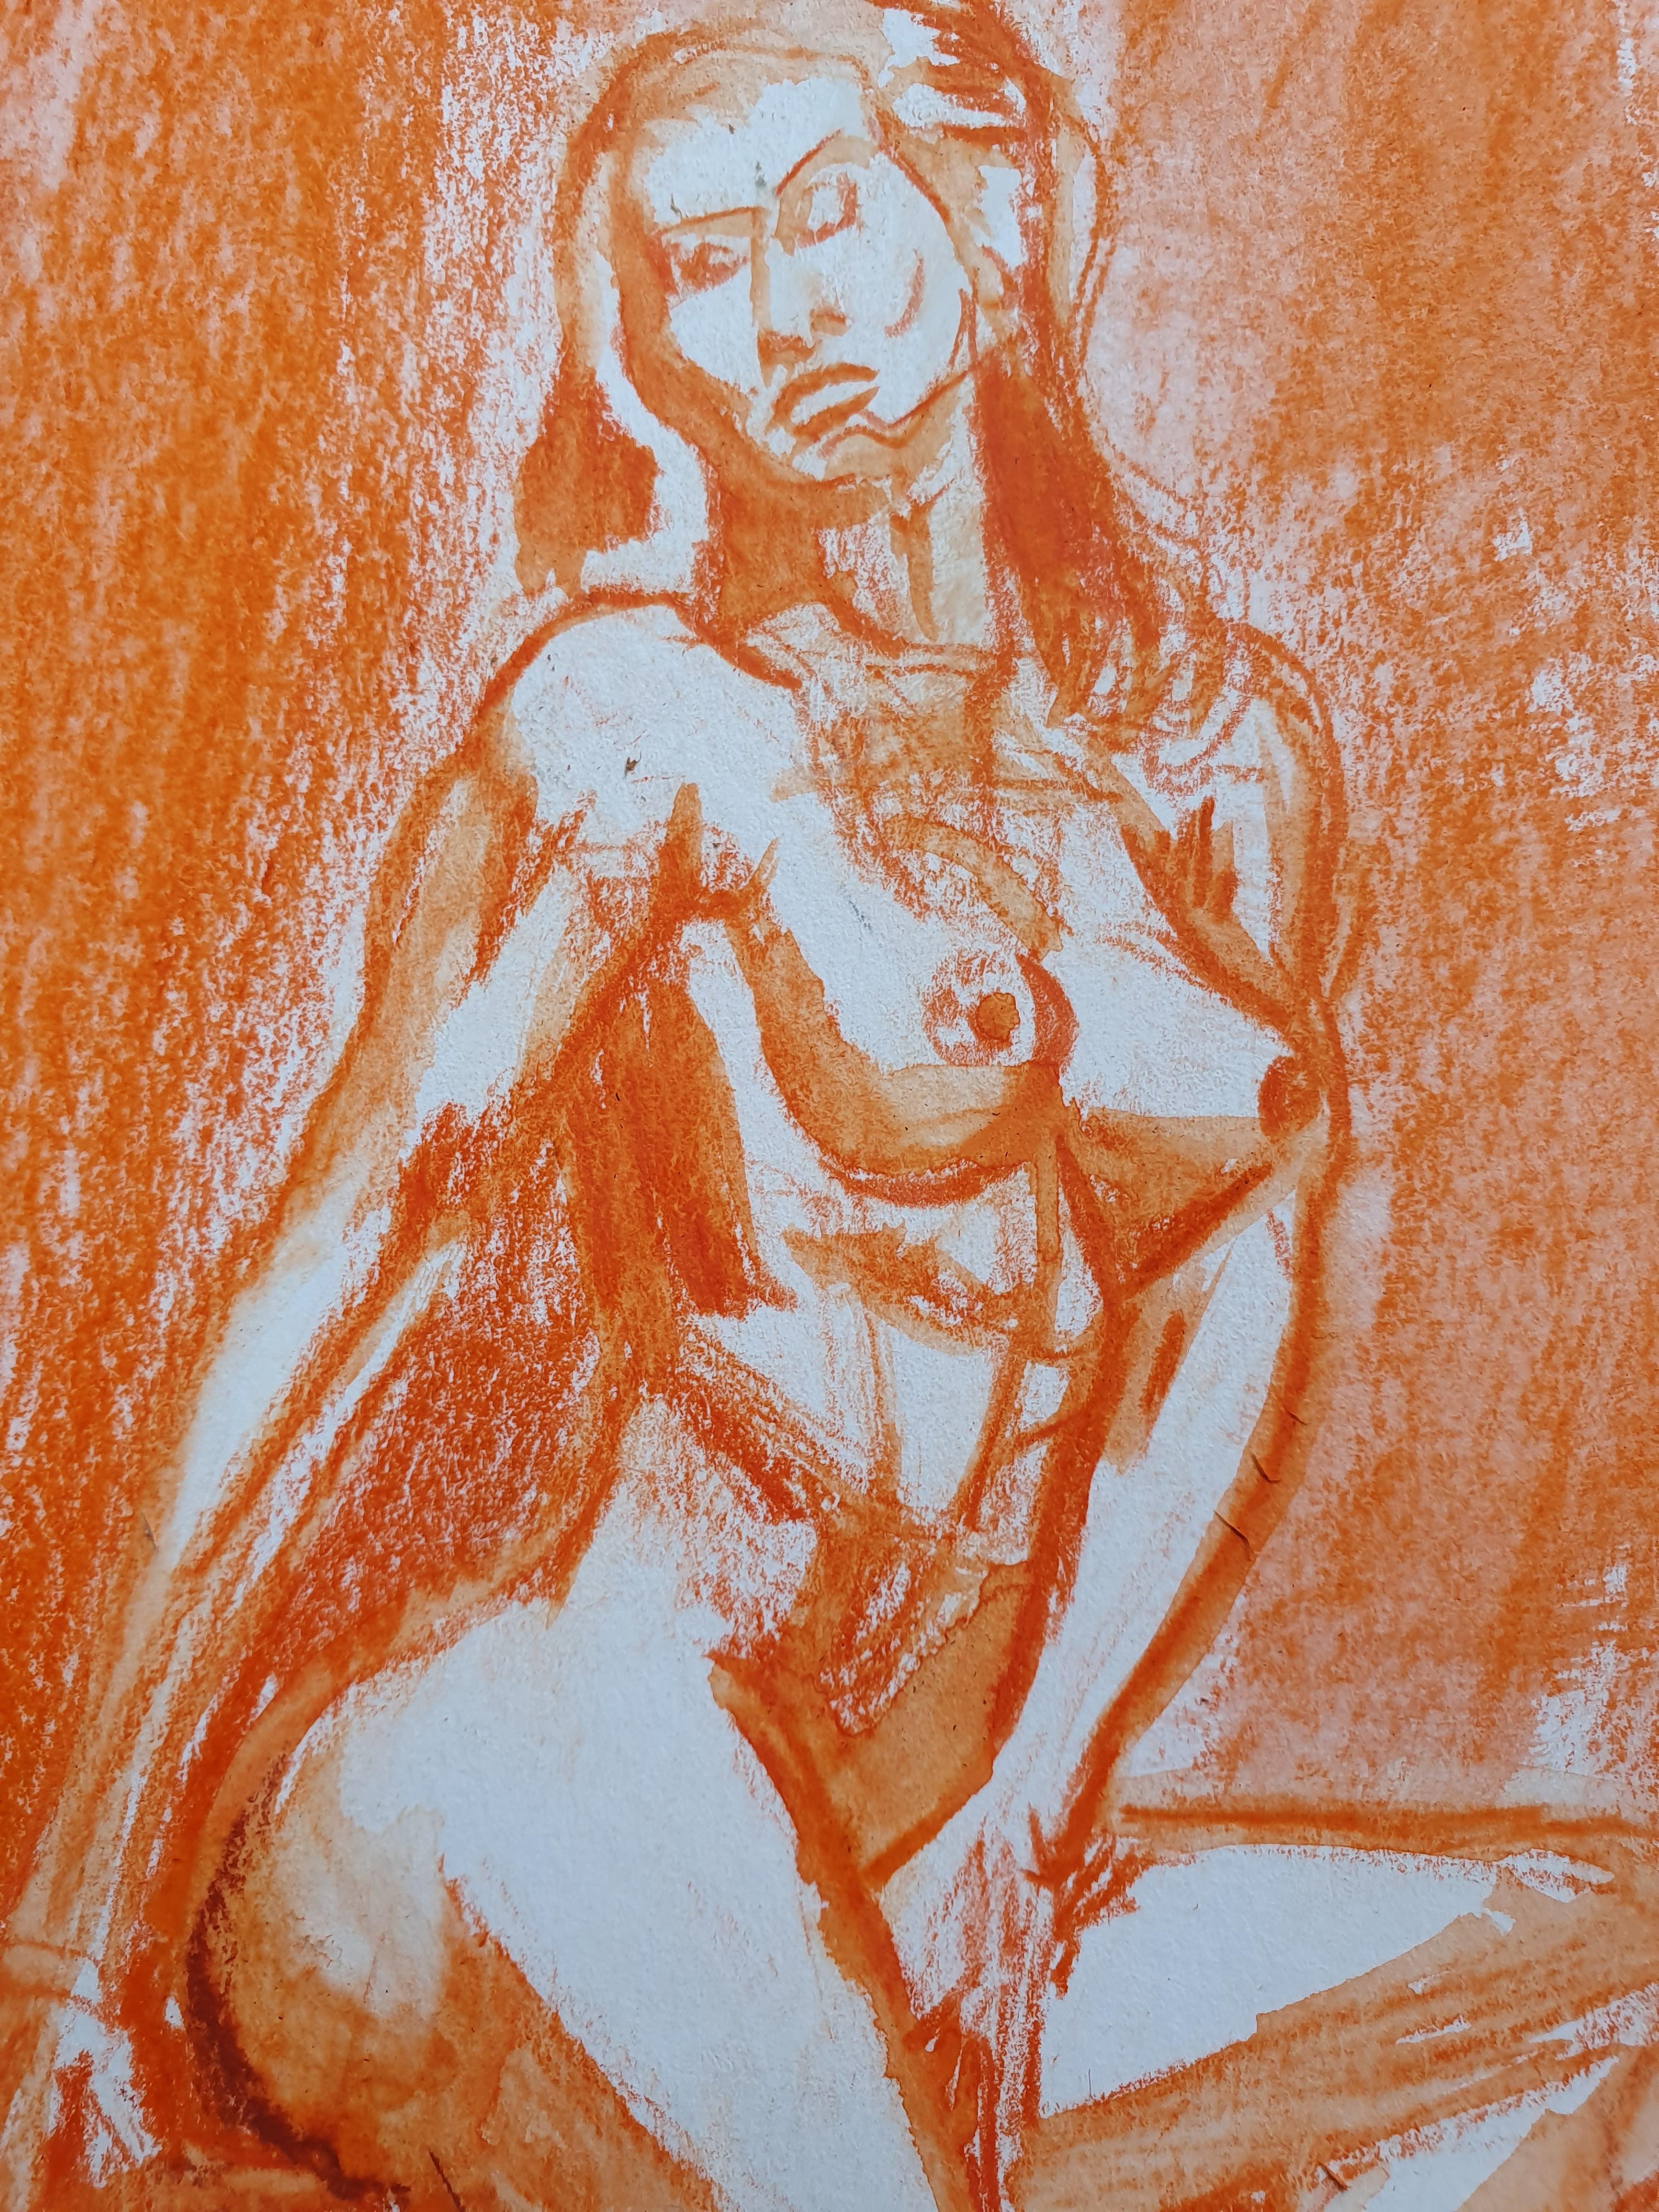 Pastels secs  orange  Diluer � l'eau croquis buste femme  cours de dessin